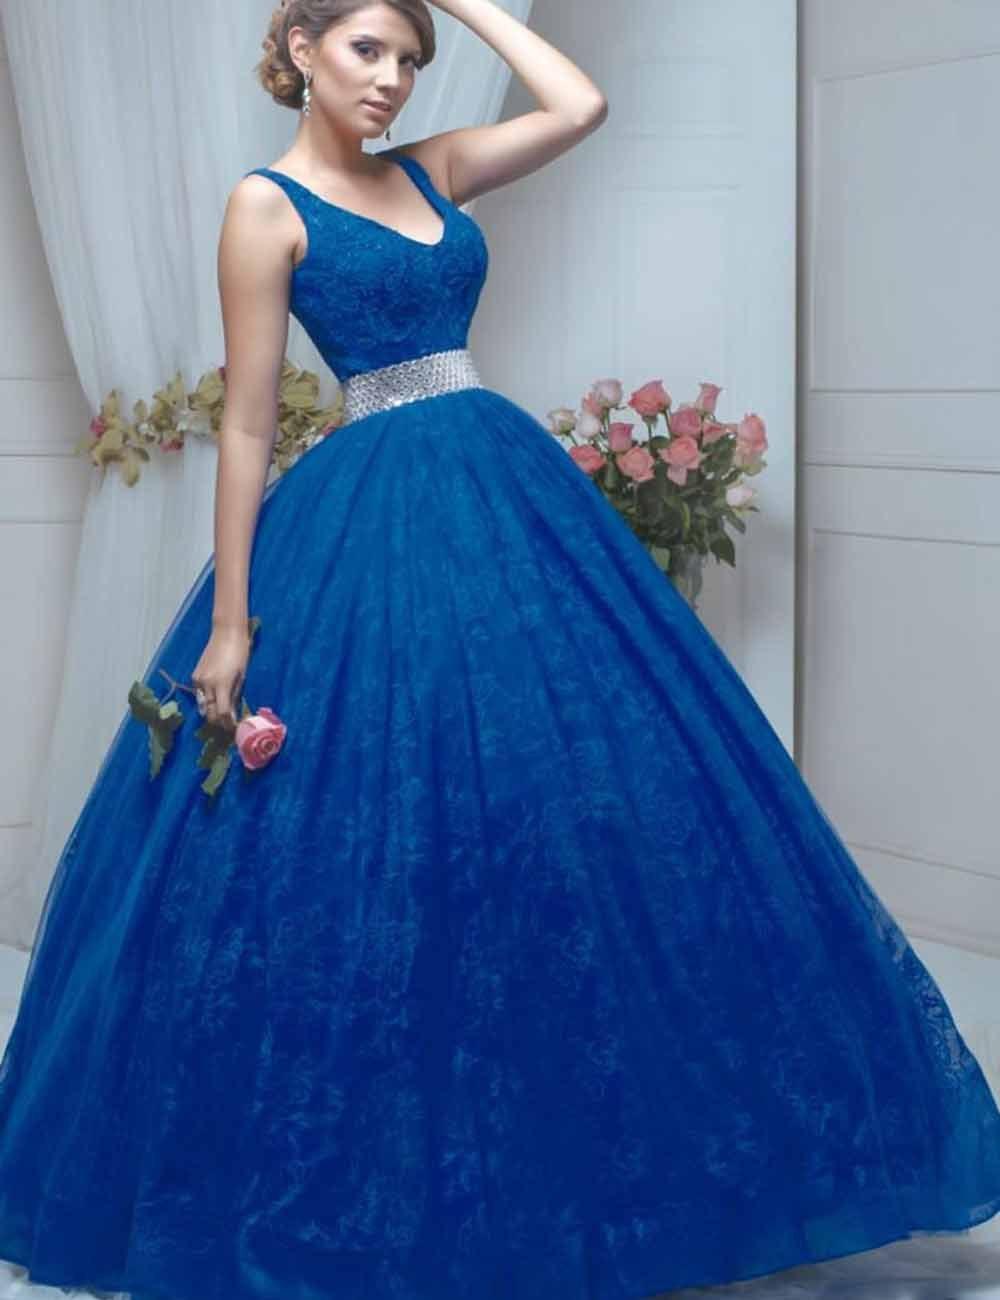 Azul real Vestidos de Quinceañera 2017 Nueva Moda V Cuello Corsé con Correa  Cristalina de la